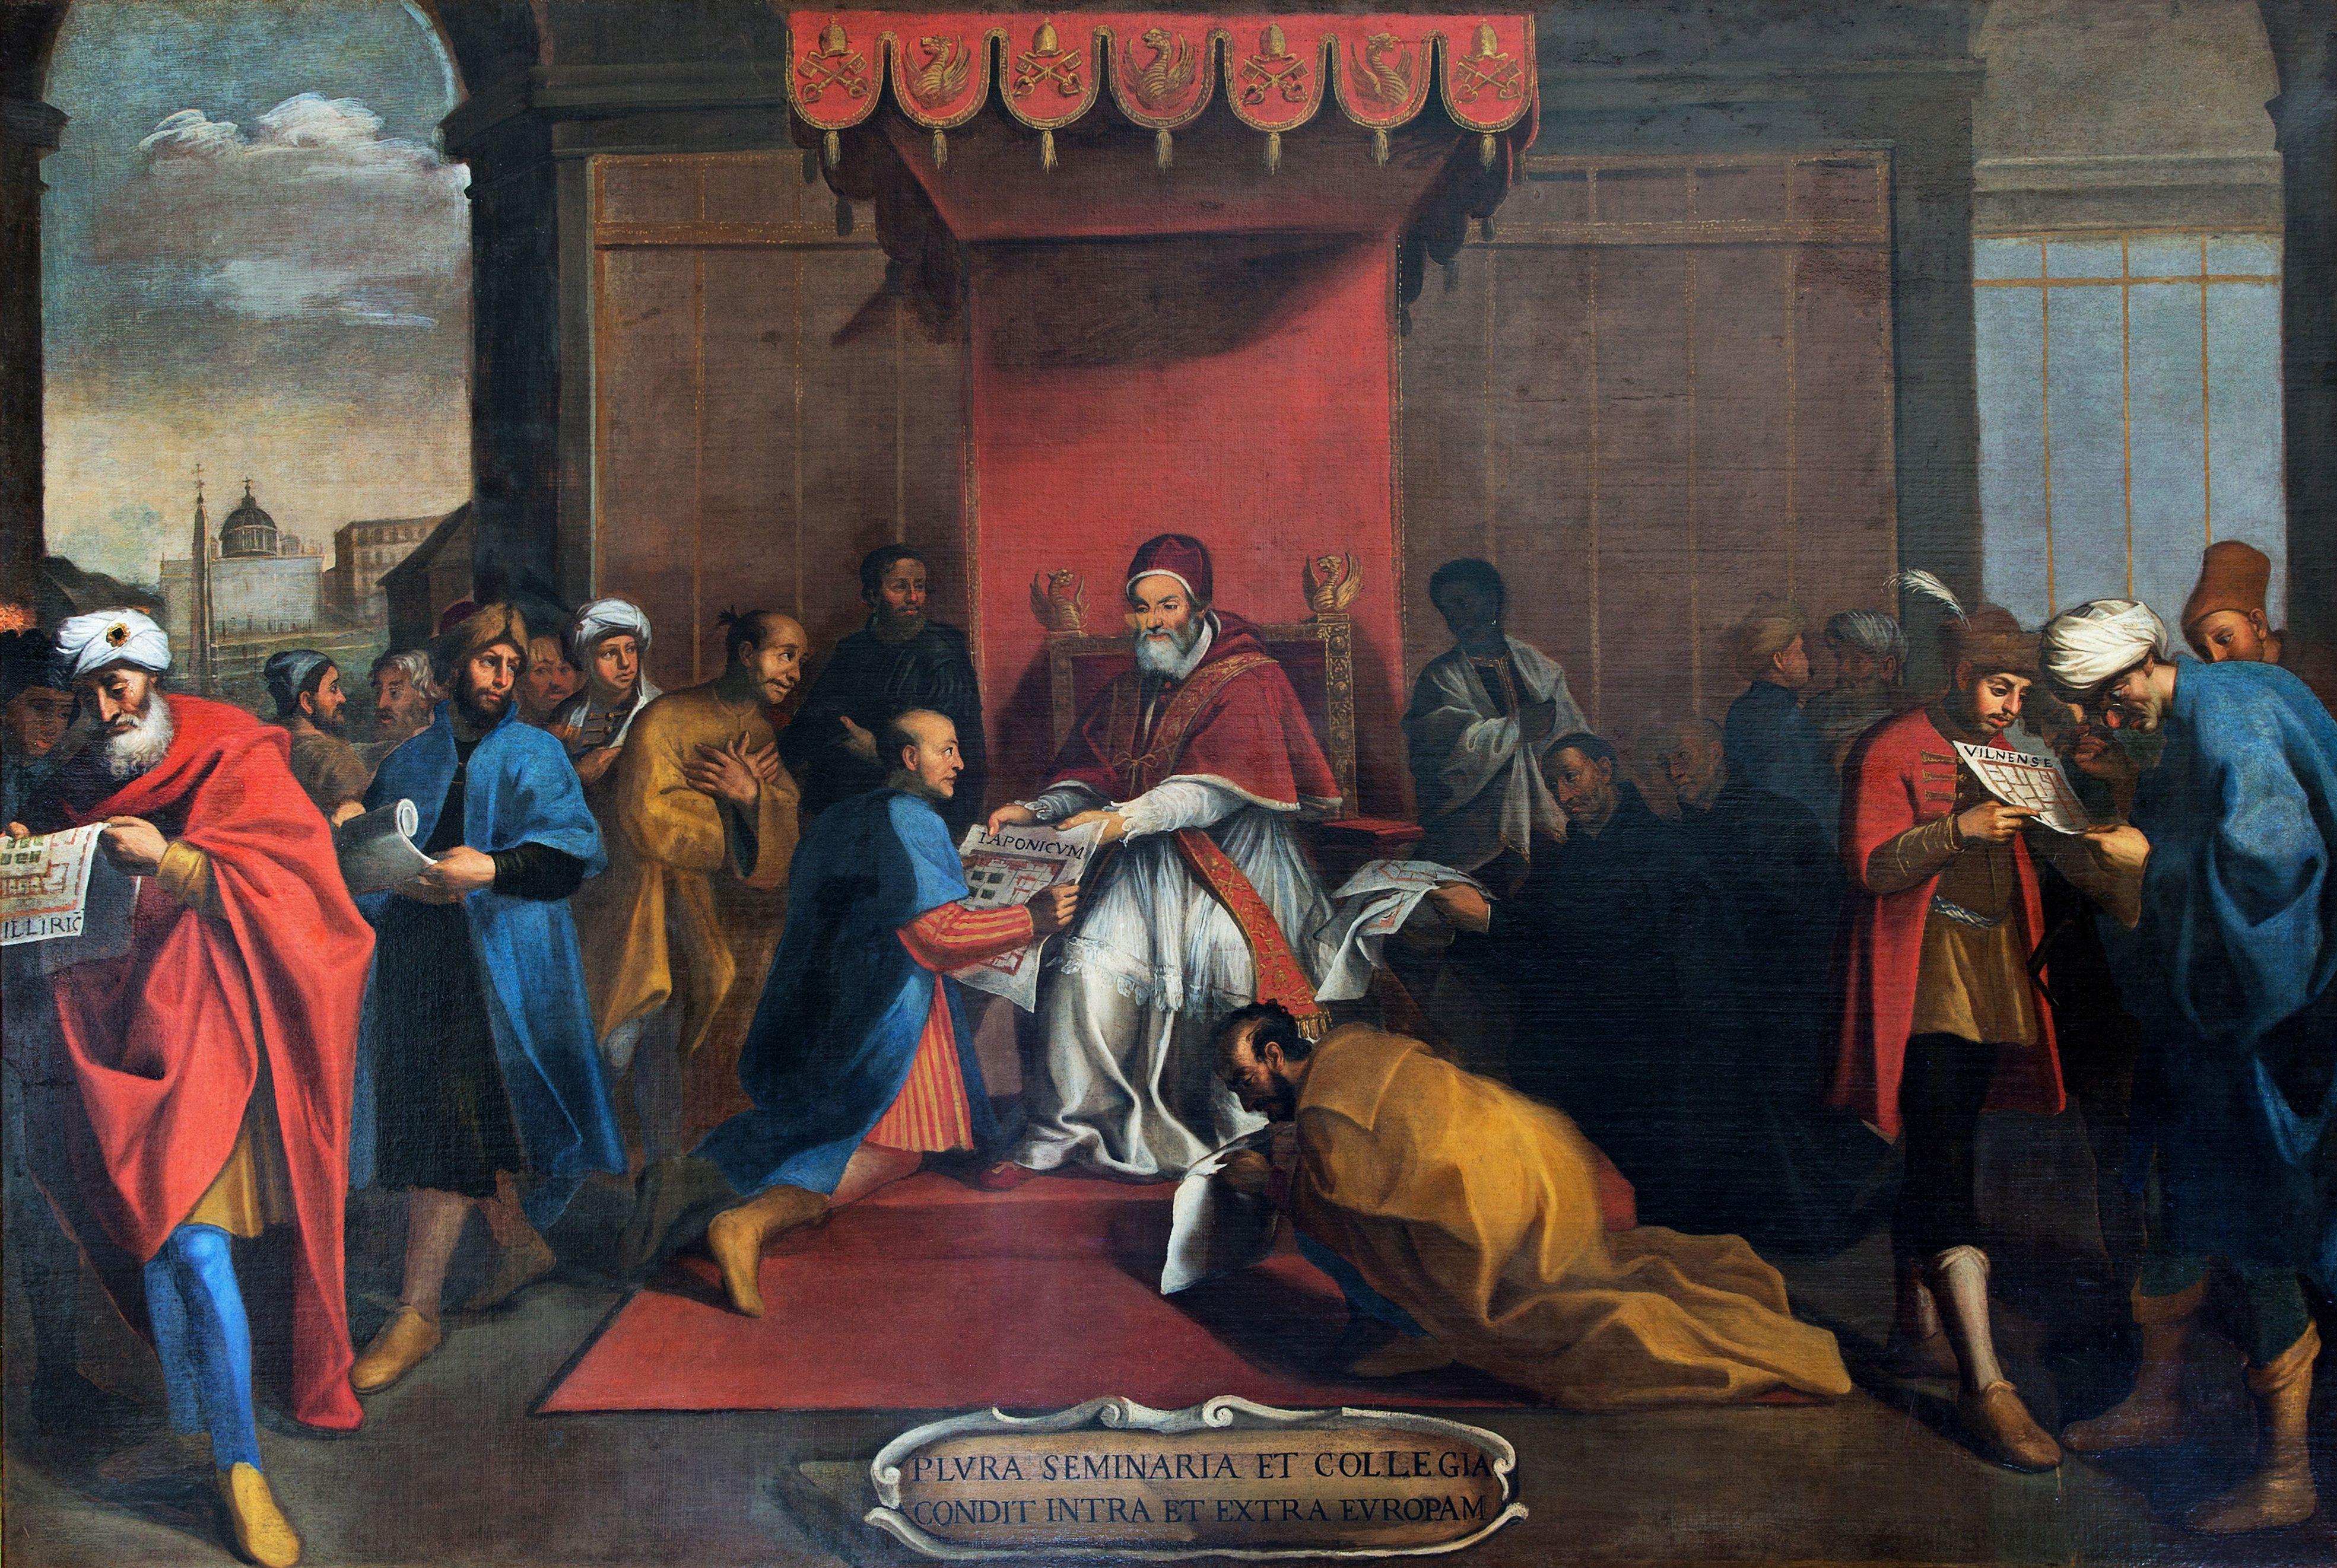 ローマの画家《ヨーロッパ内外にセミナリオを設立するグレゴリウス13世》(16-17世紀初頭、グレゴリアン大学)